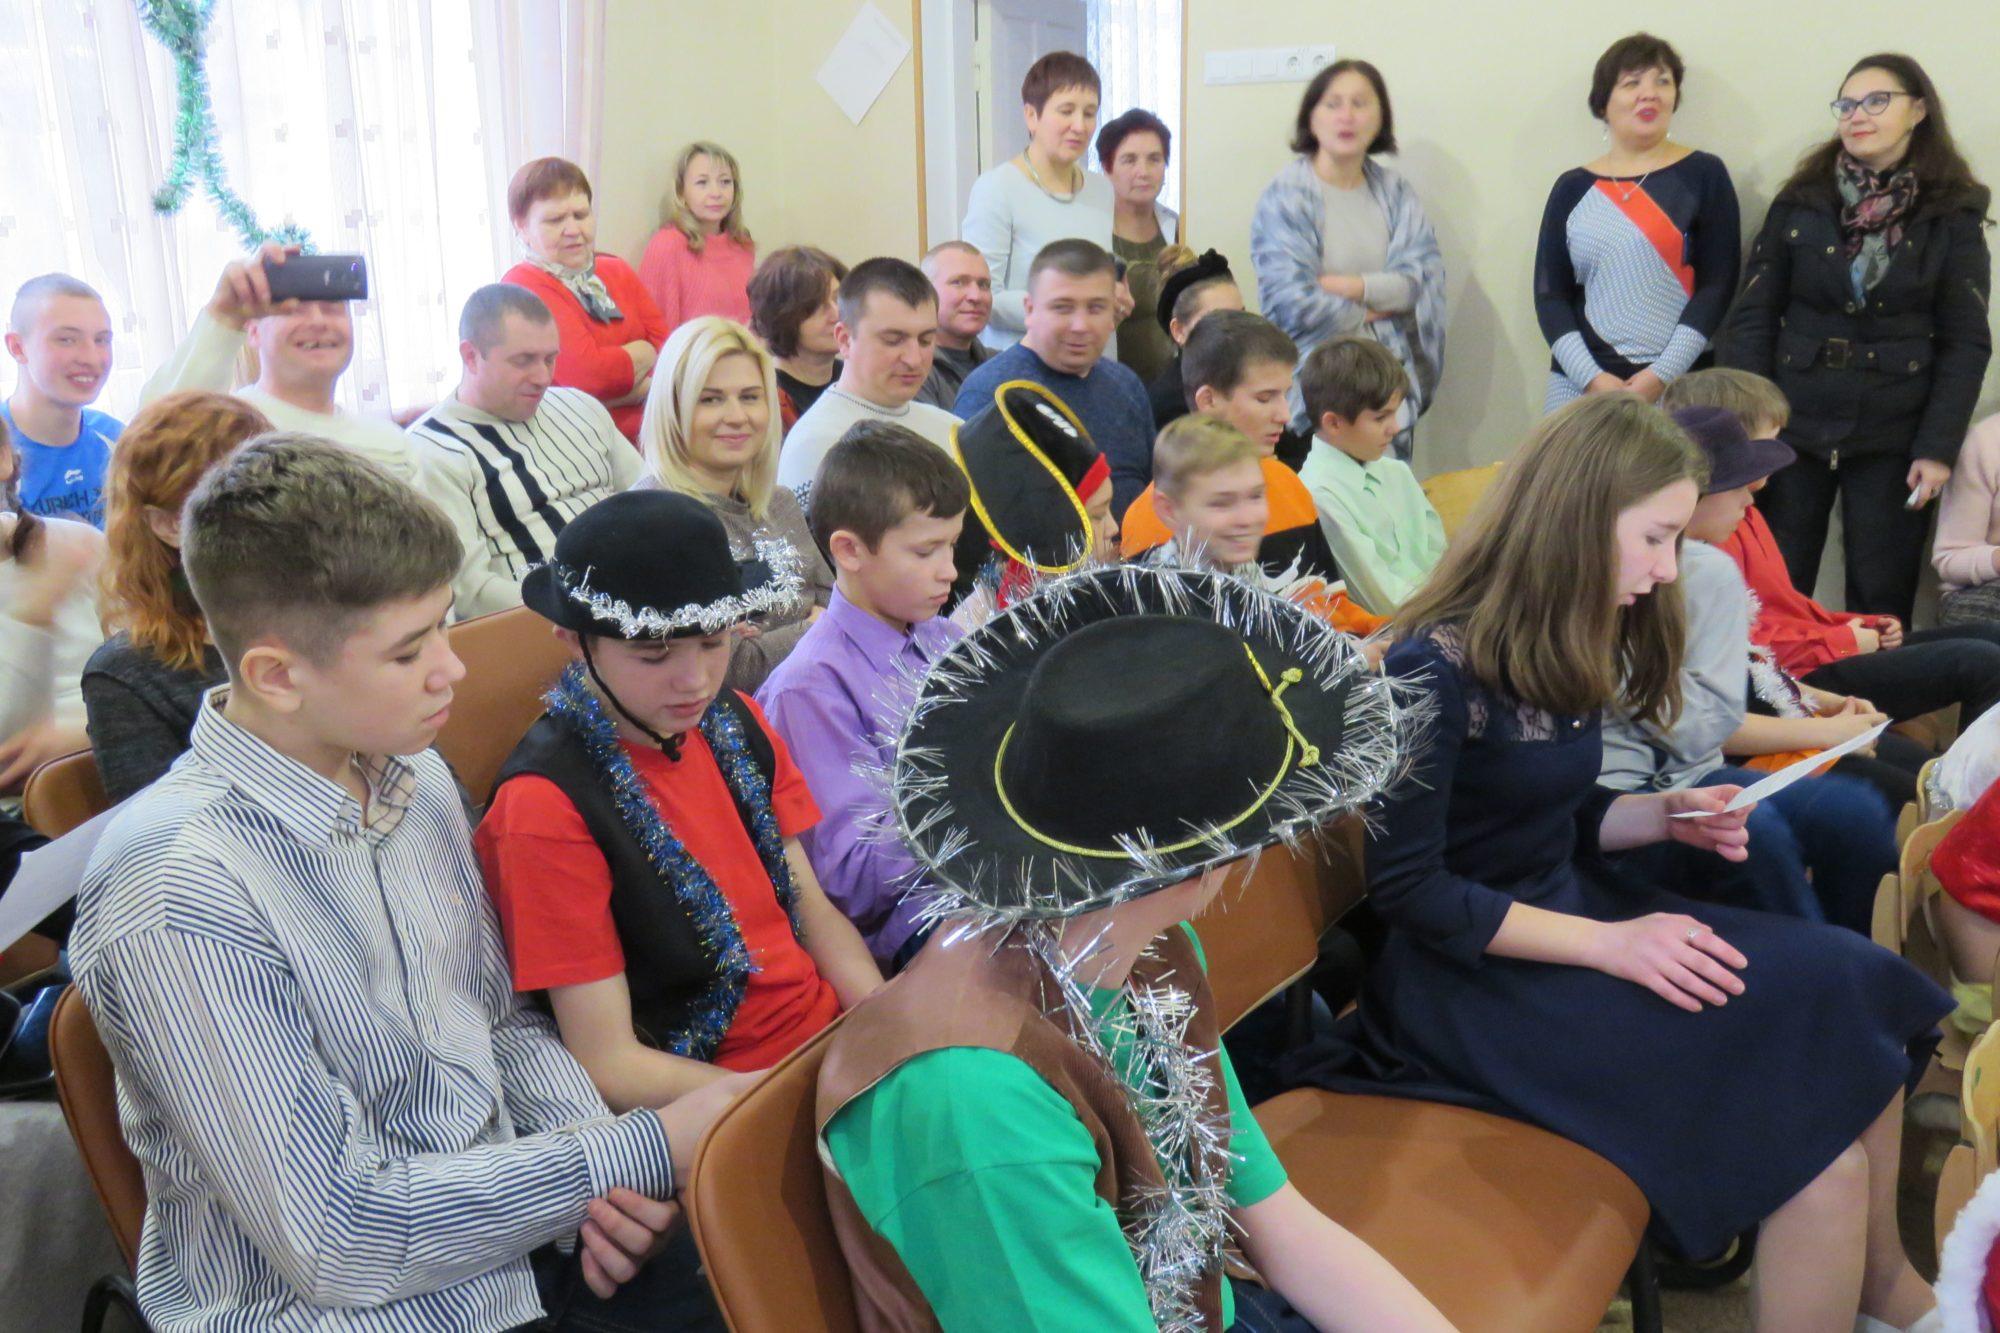 Свято для дітей: у Білій Церкві привітали вихованців центру «Злагода» - Біла Церква - imgbig 12 2000x1333